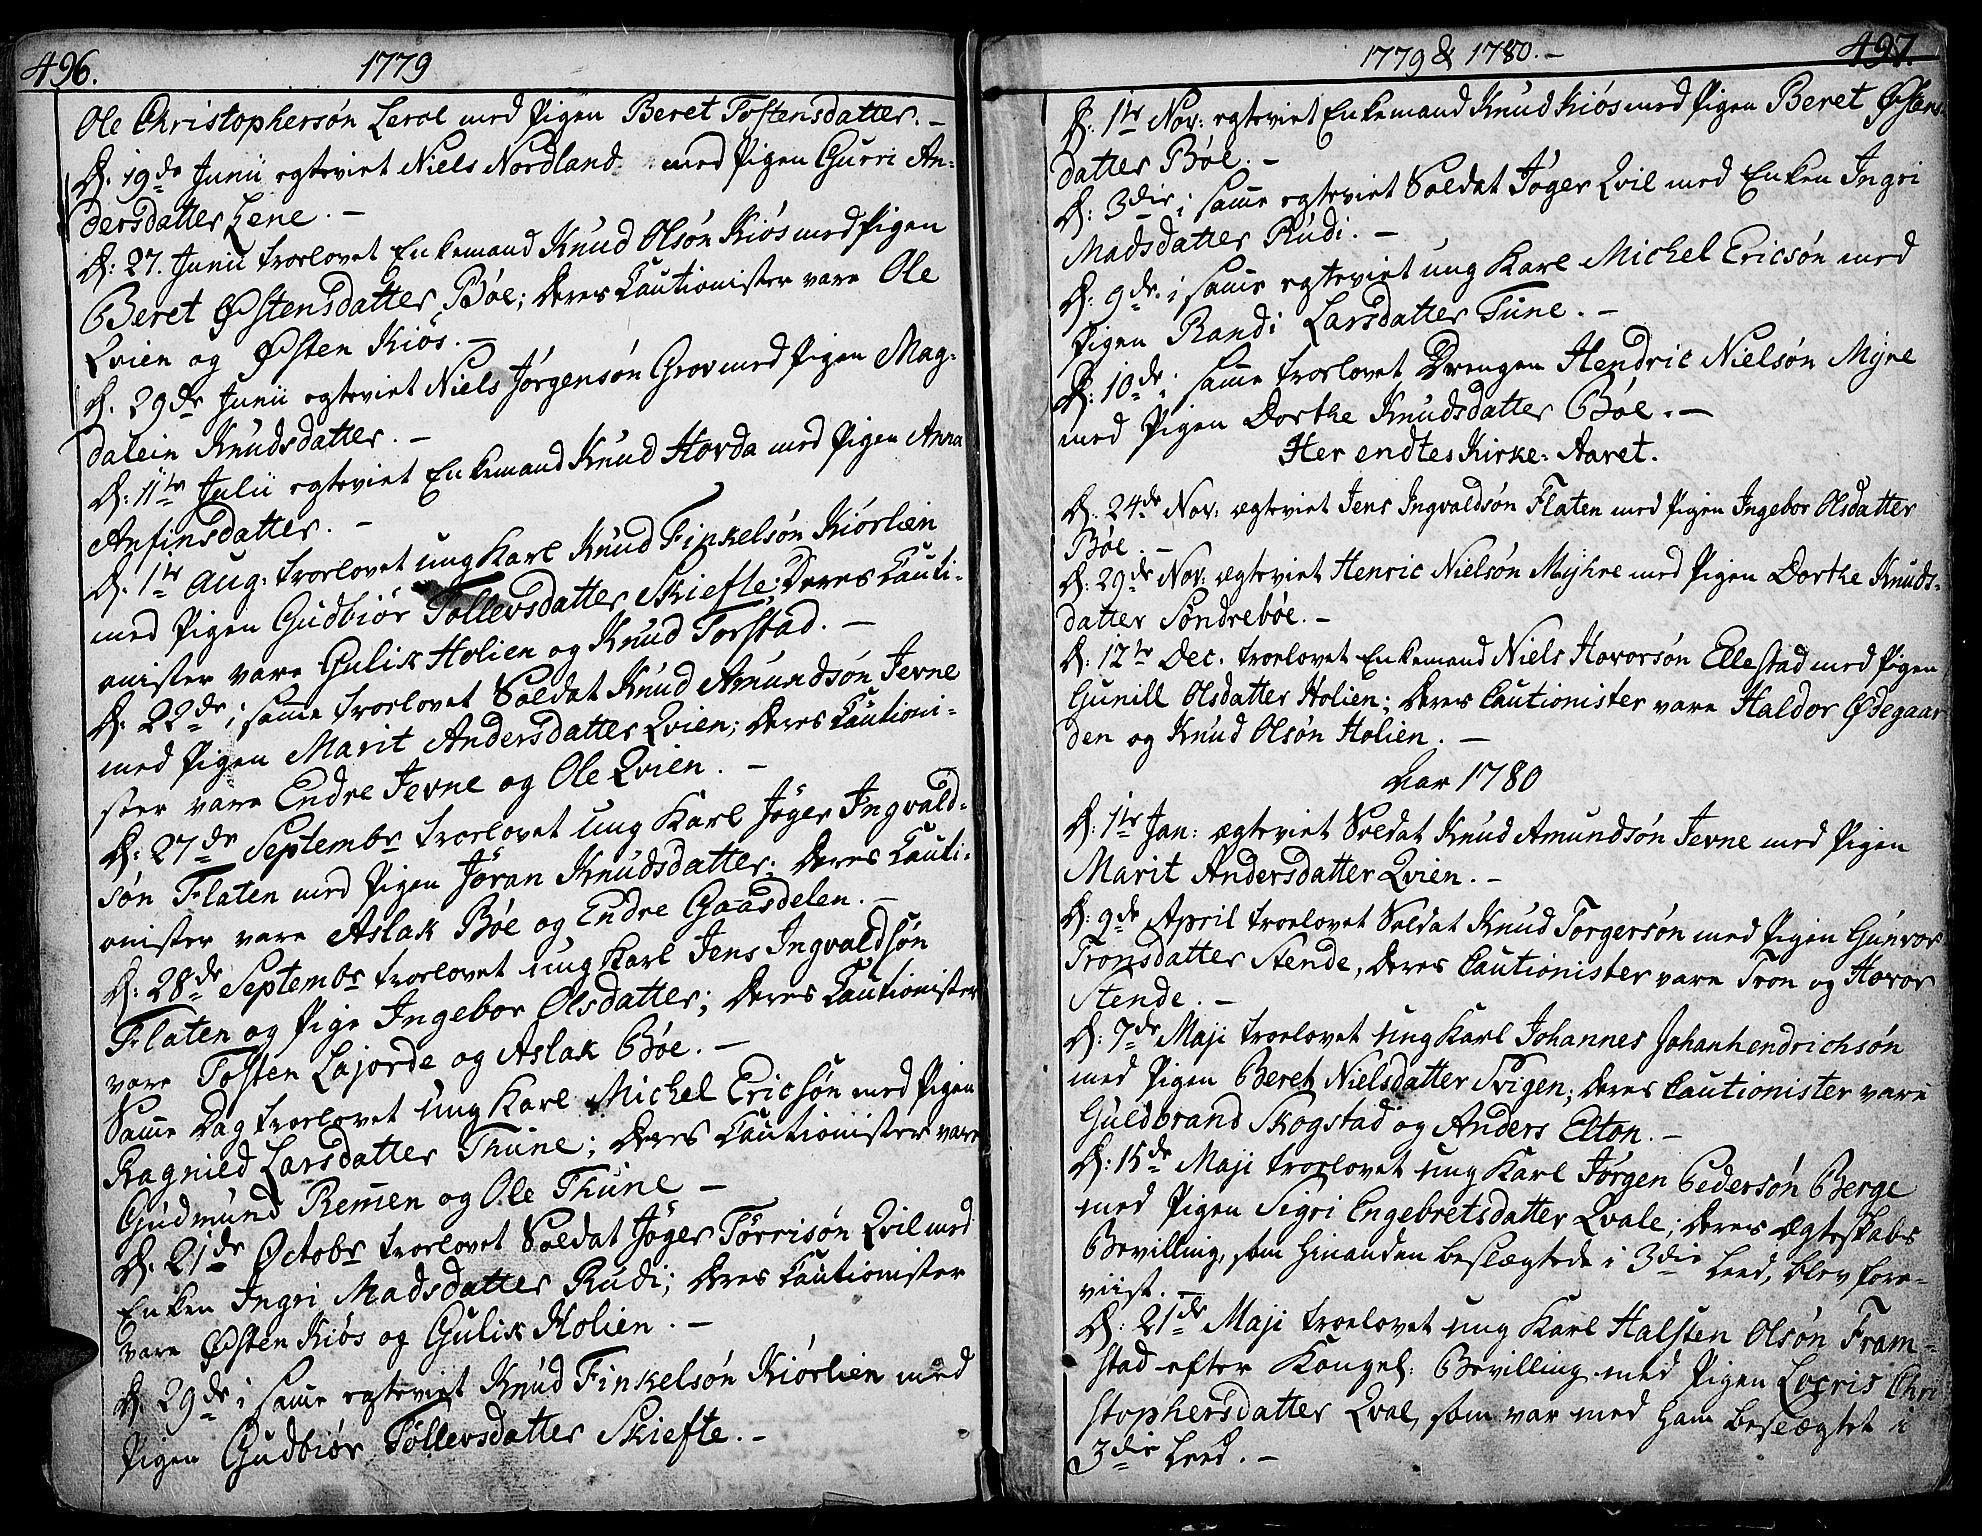 SAH, Vang prestekontor, Valdres, Ministerialbok nr. 1, 1730-1796, s. 496-497